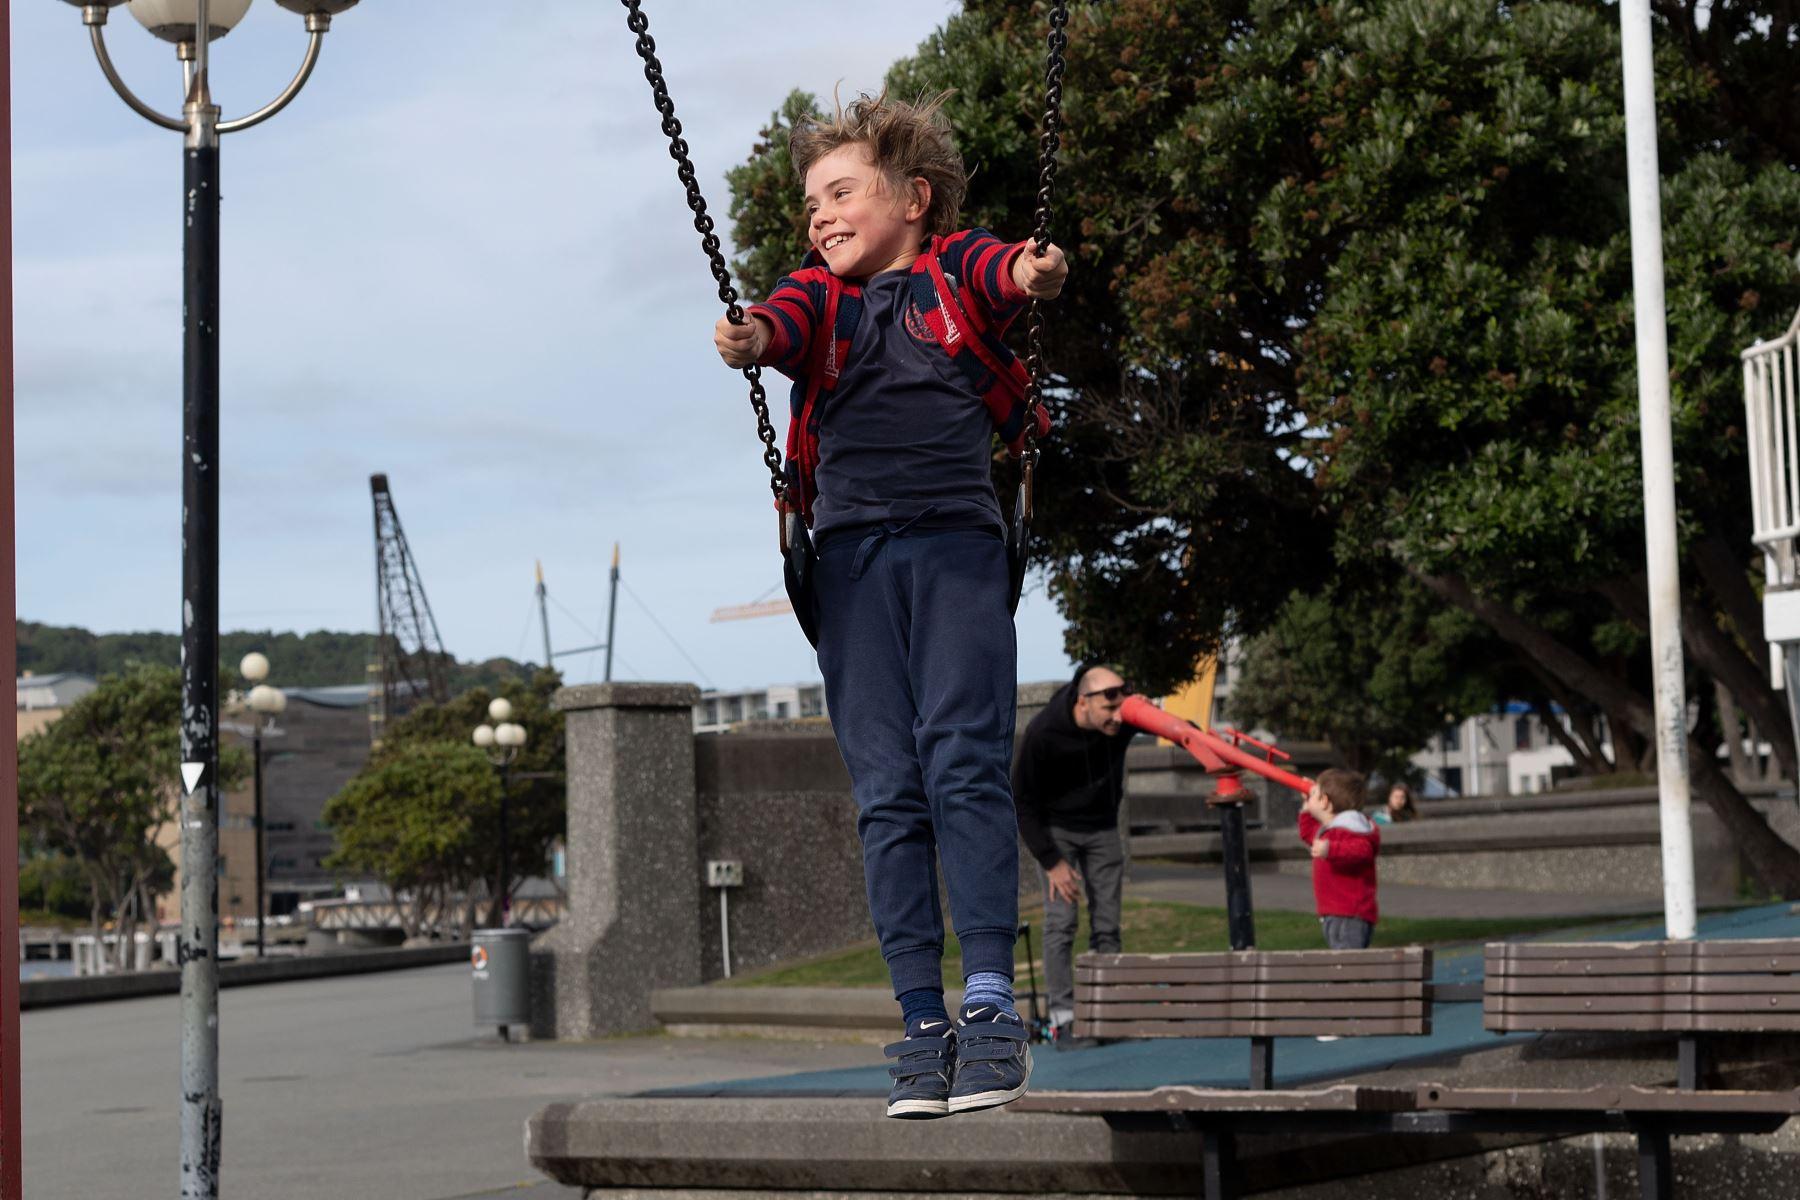 Un niño juega en un columpio del parque en la ciudad de Wellington, en Nueva Zelanda, el 14 de mayo de 2020. Foto: AFP